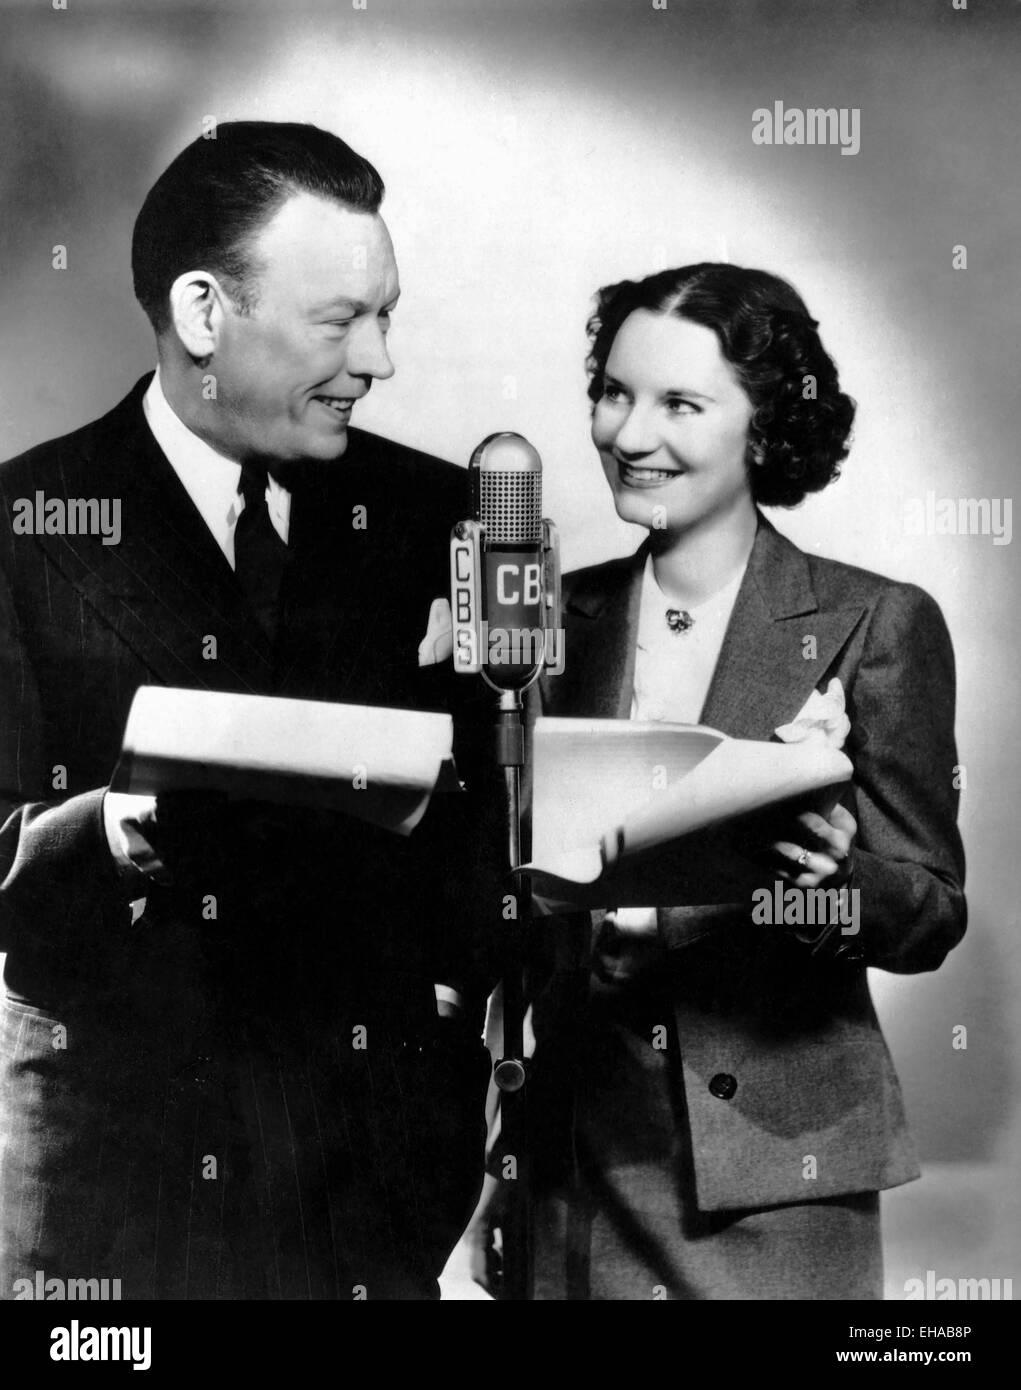 Fred Allen, Portland Hoffa, Publicity Portrait, circa mid-1930's - Stock Image